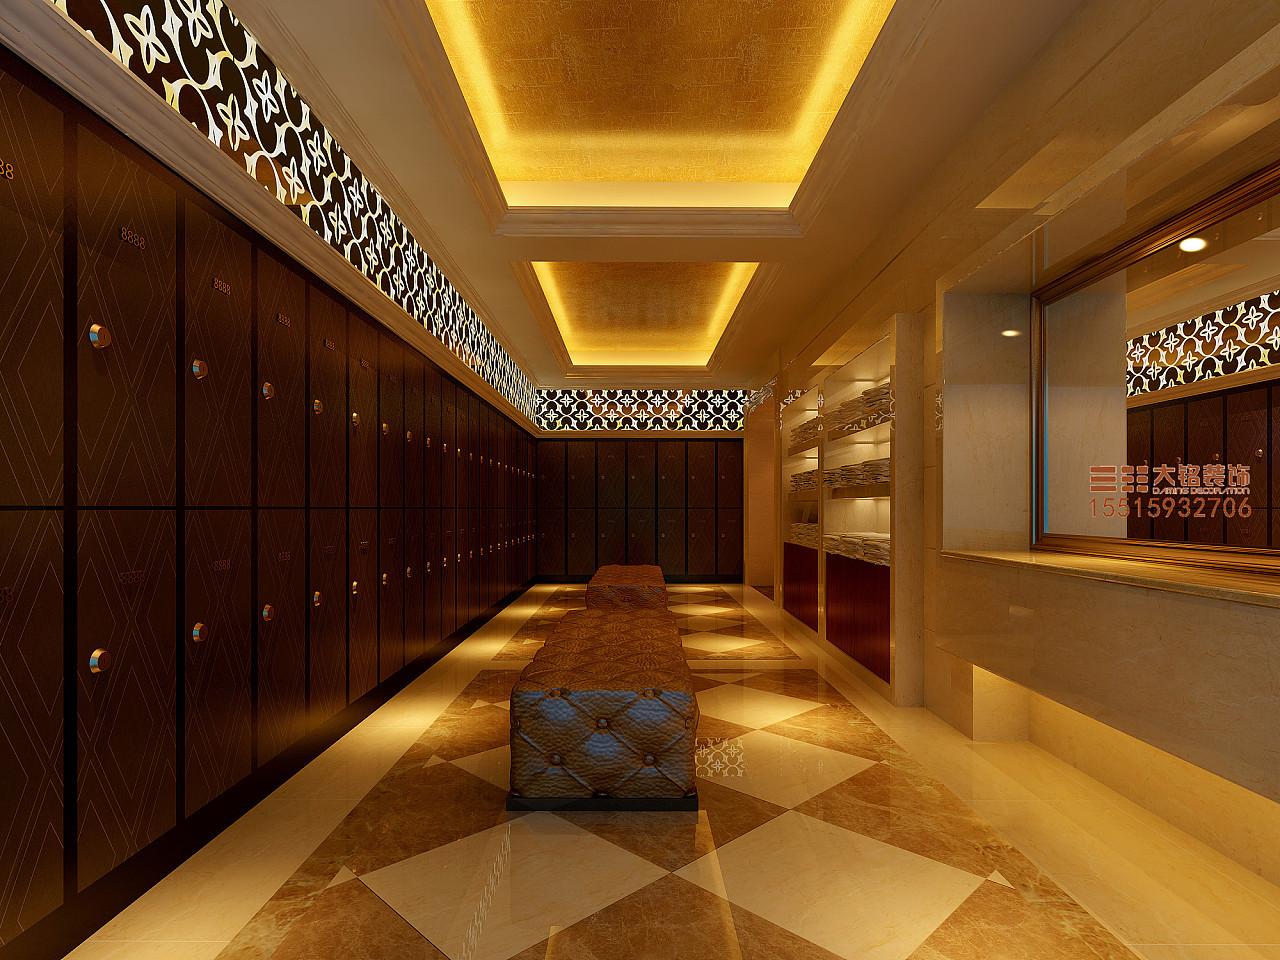 登封洗浴装修设计效果图|洗浴中心装修设计|专业洗浴装修设计|郑州